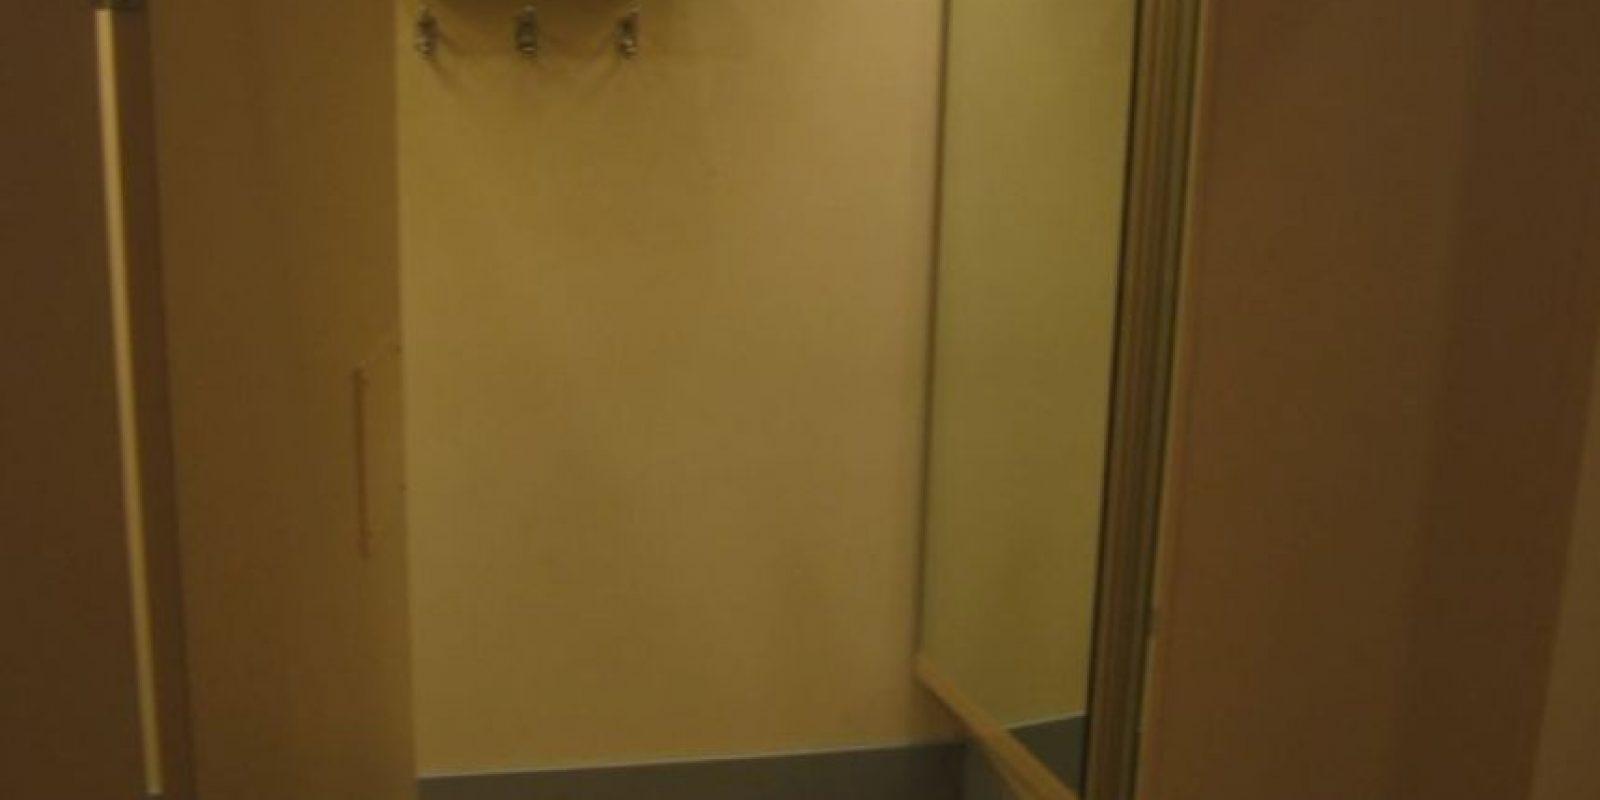 La actriz Kirsten Dunst confesó que cuando era novia de Jake Gyllenhaal tenía sexo en estos lugares. Foto:Flickr